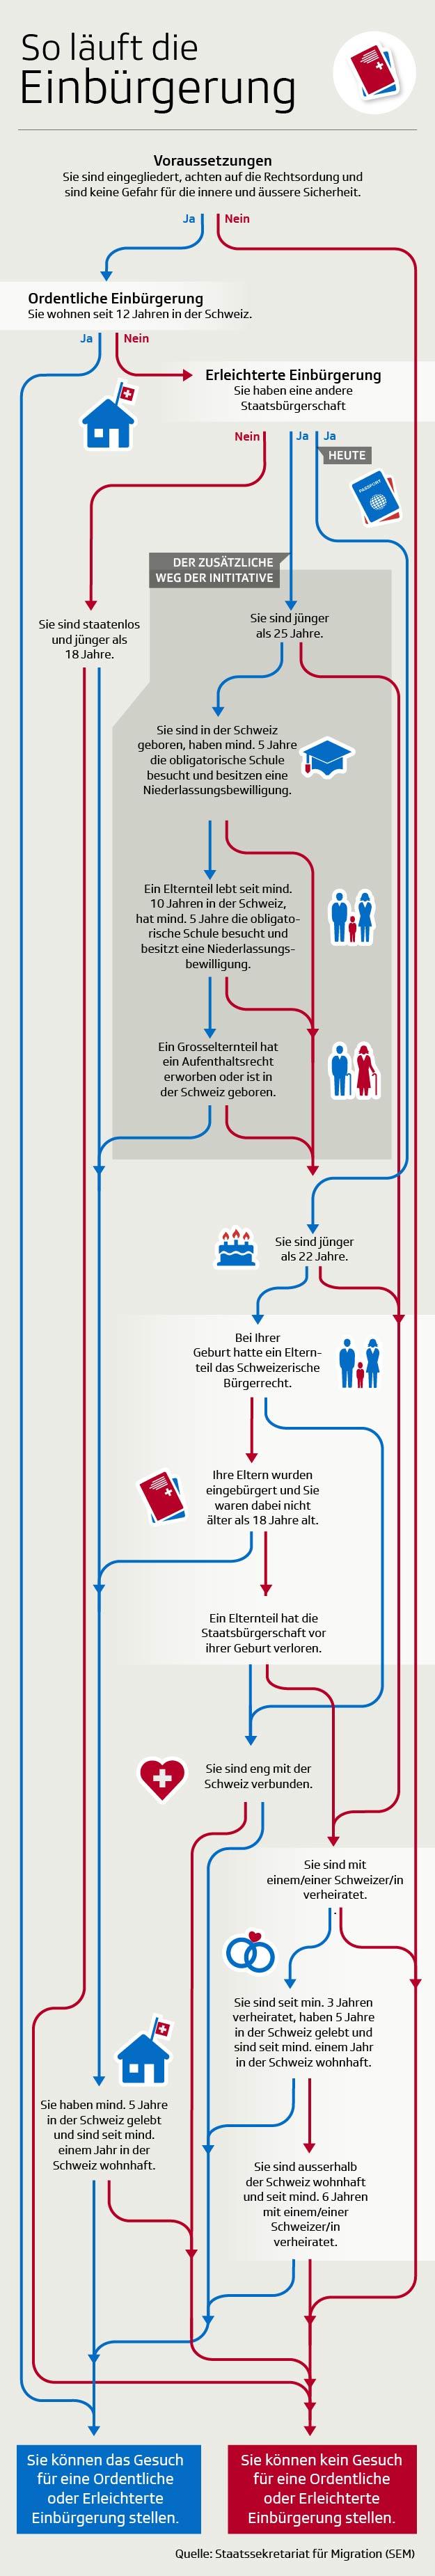 So funktioniert die Einbürgerung